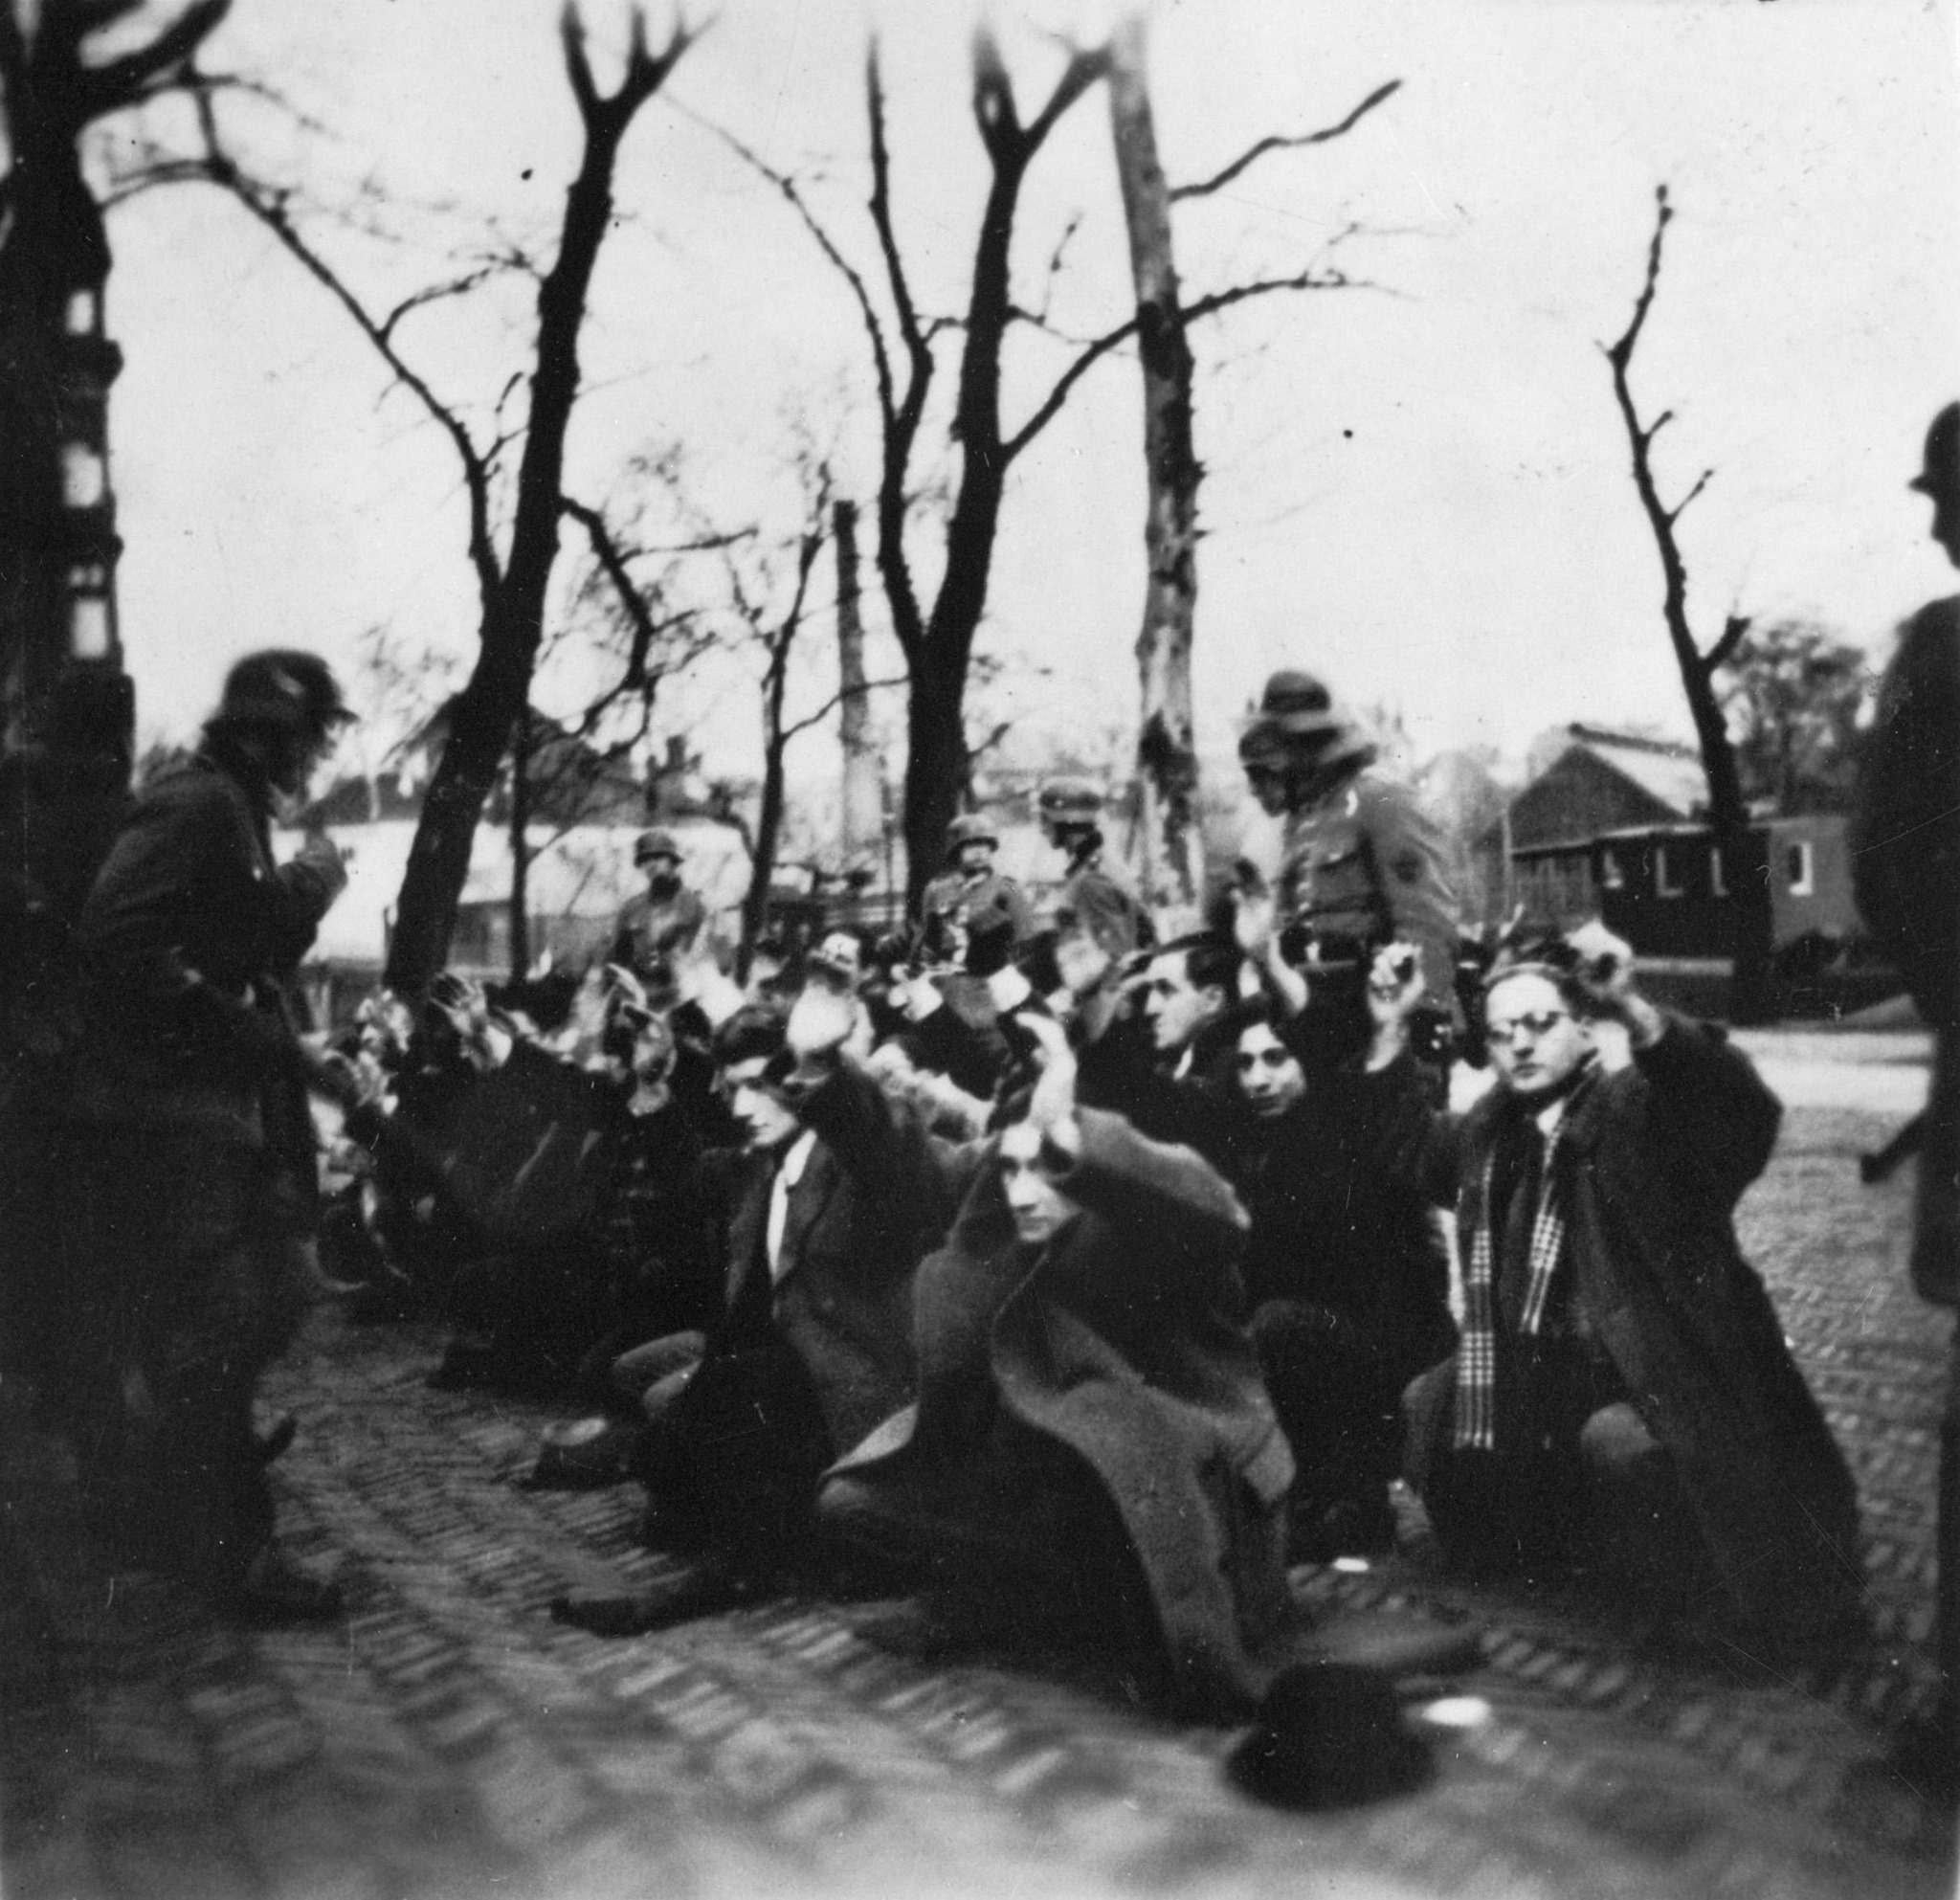 שביתות פברואר נגד גירוש והשמדת יהודי הולנד